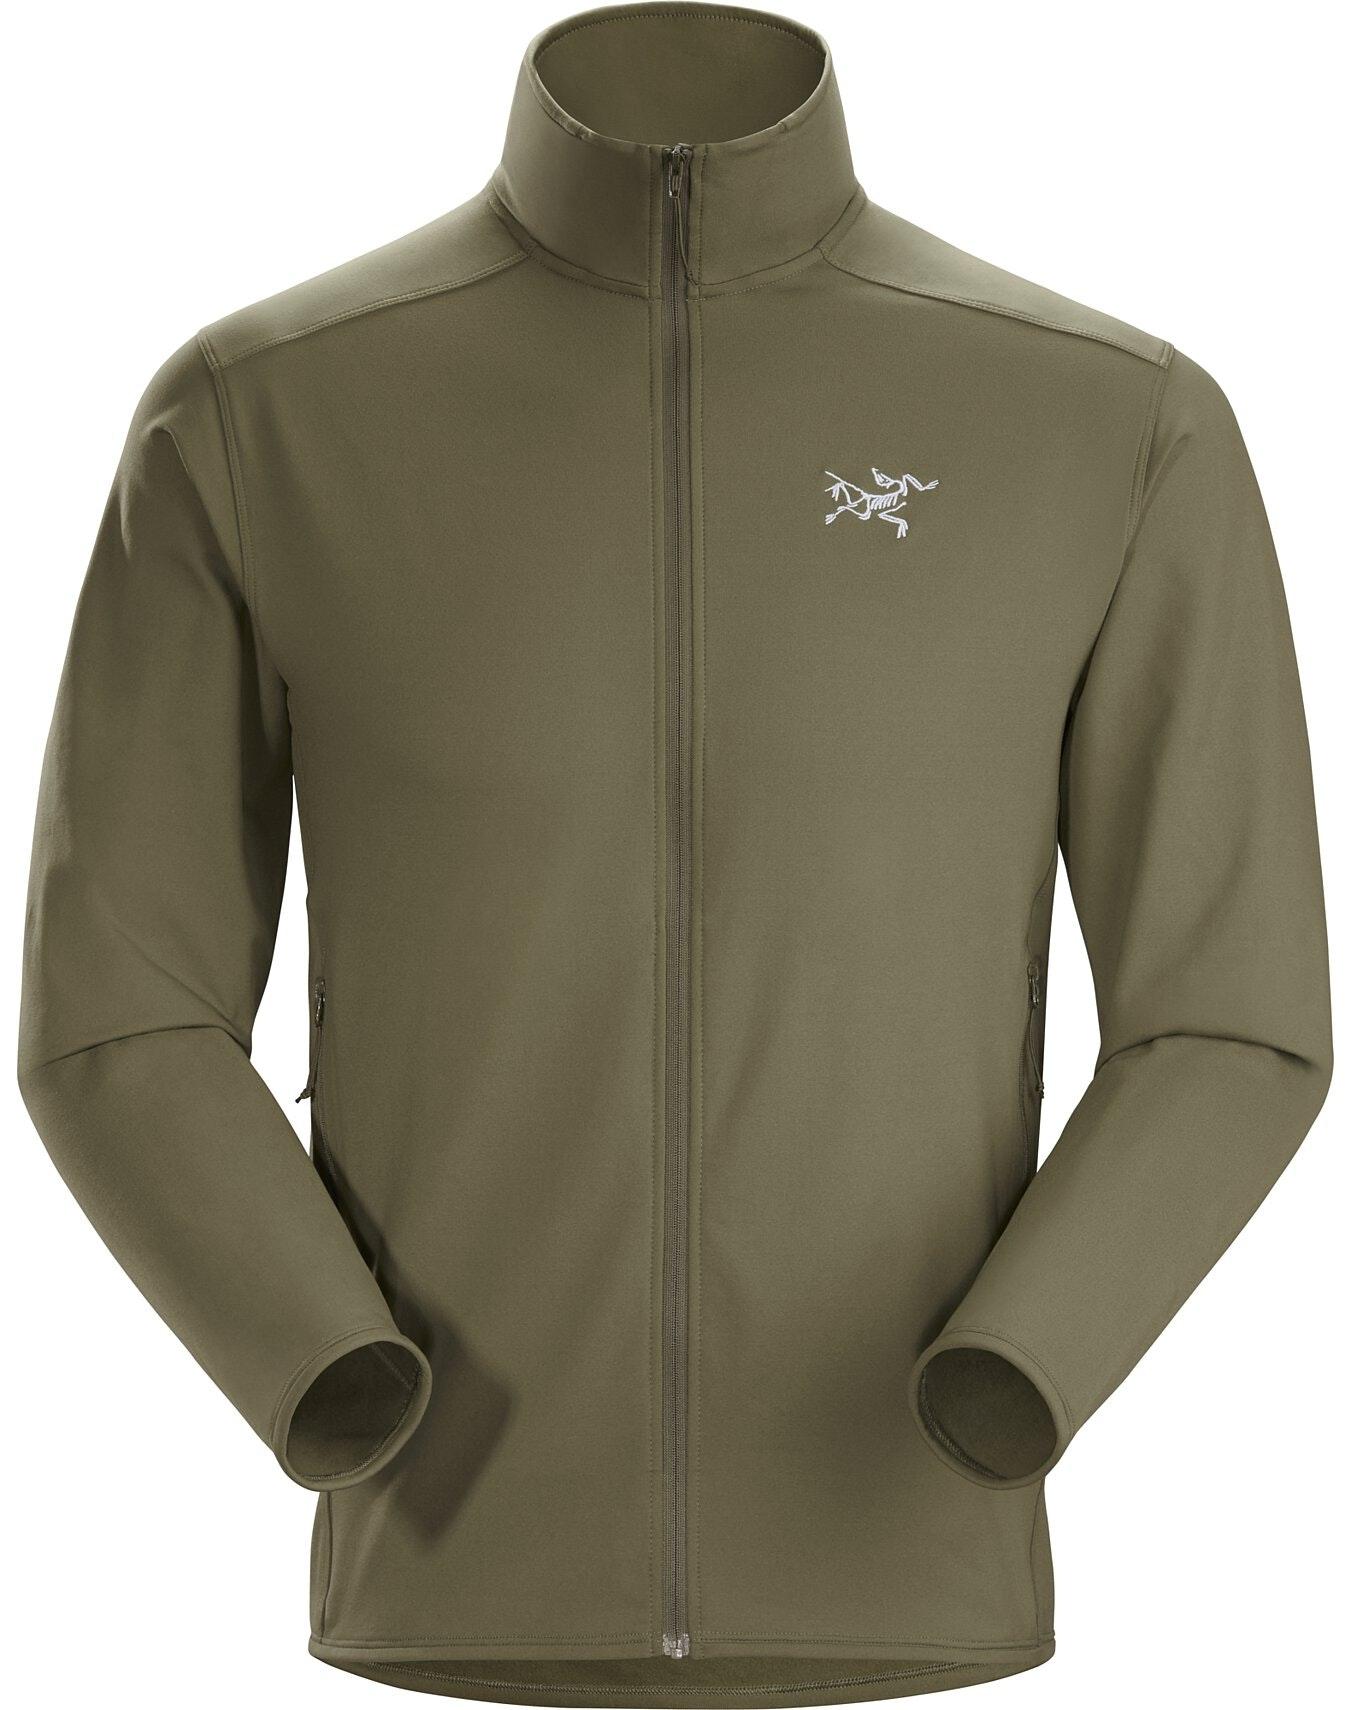 Kyanite LT Jacket Arbour